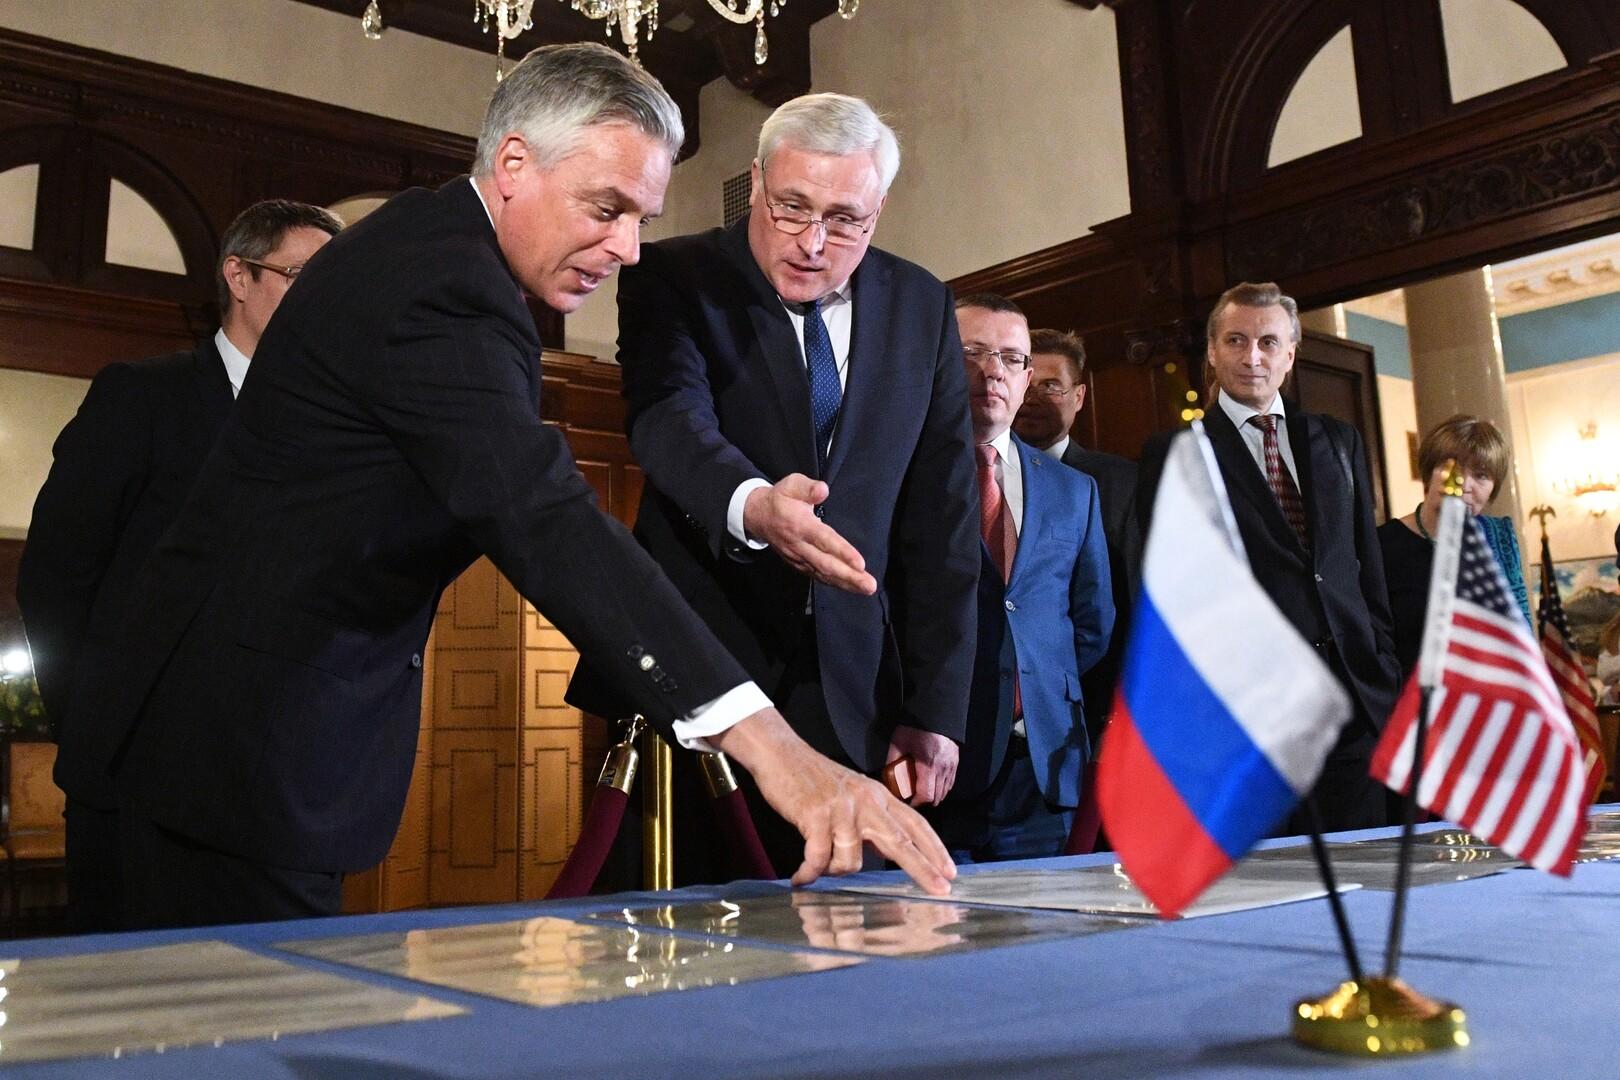 موسكو تشكر واشنطن على إعادة وثائق تاريخية هامة مسروقة